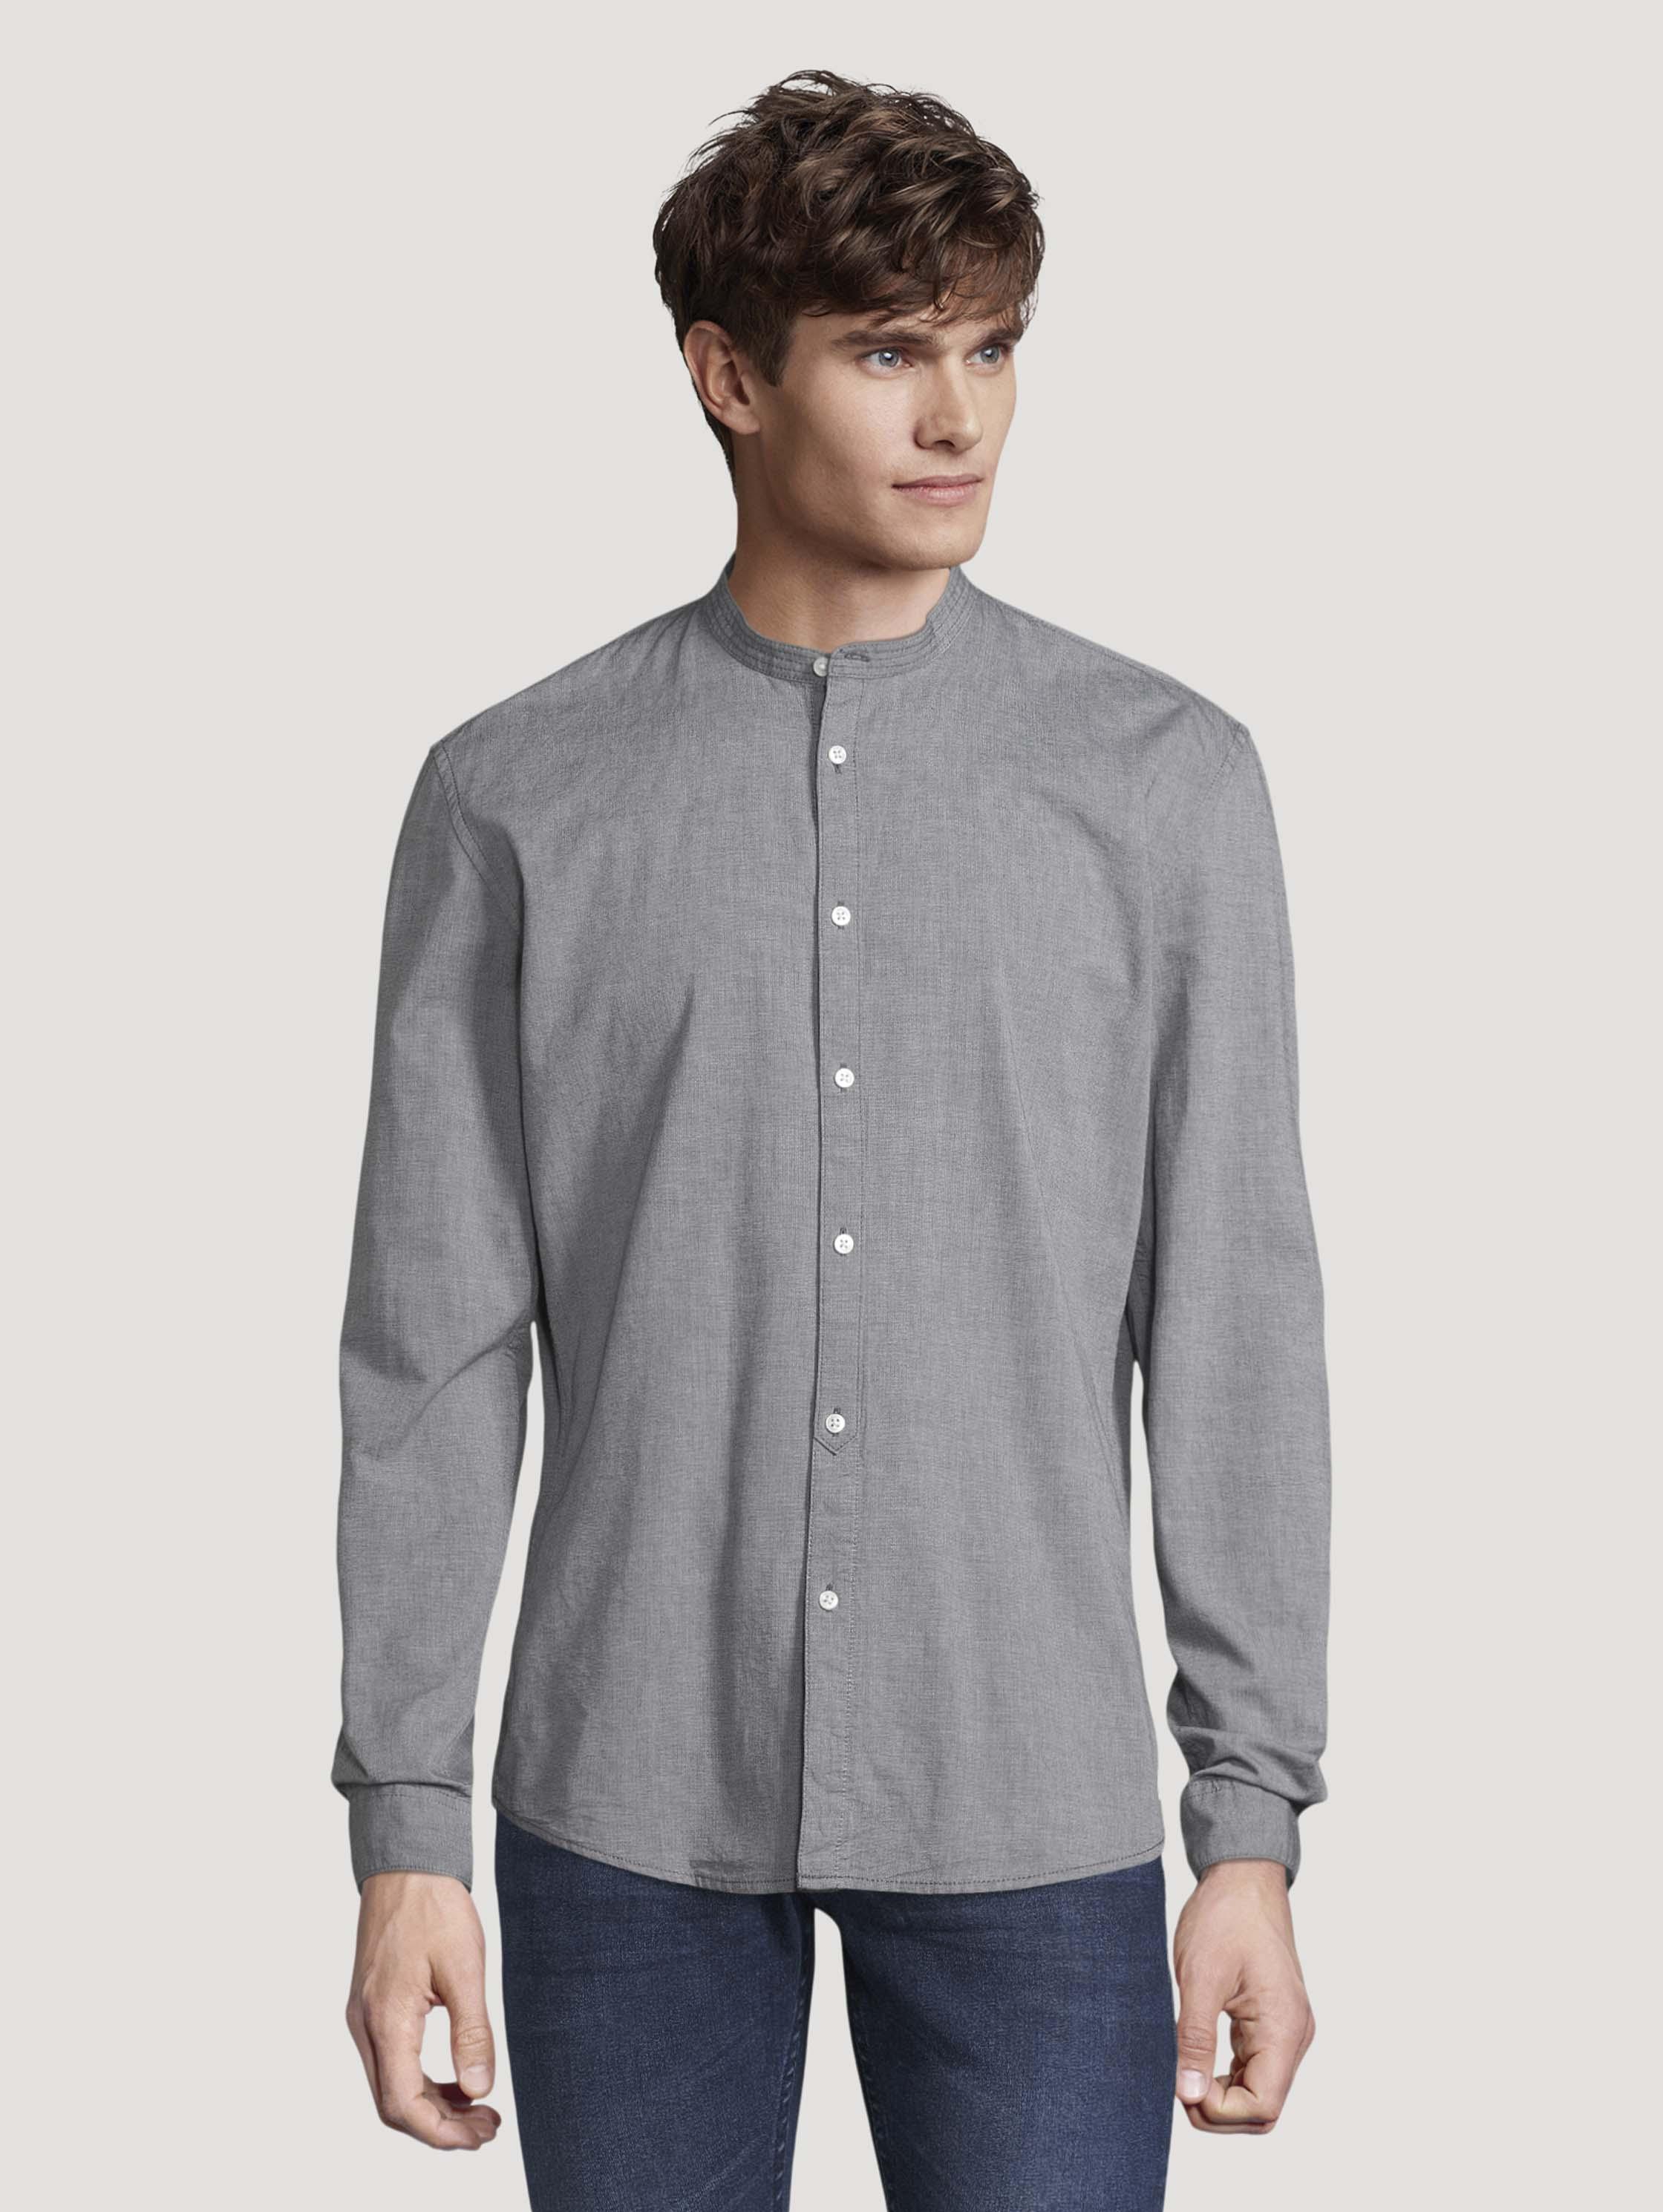 Рубашка мужская TOM TAILOR 1026879 серая S